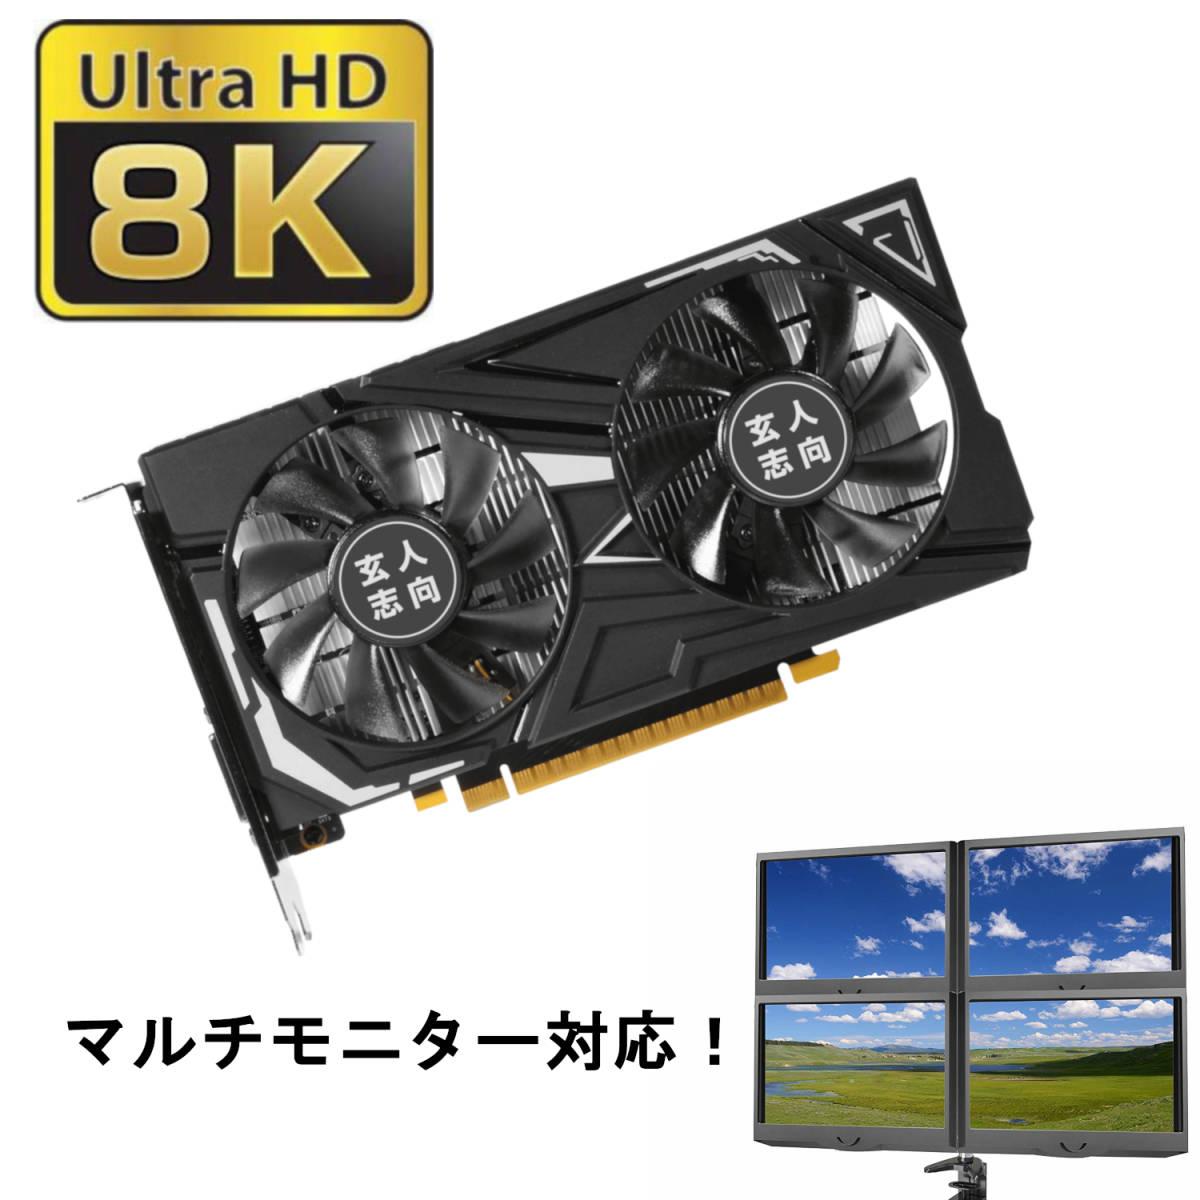 1円スタート!ゲーミングPC/クリエーター/Xeon E5(10C20T)/最新GTX1650/16GBメモリ/480GB SSD/1TB HDD/win10pro(認証)/office_画像6